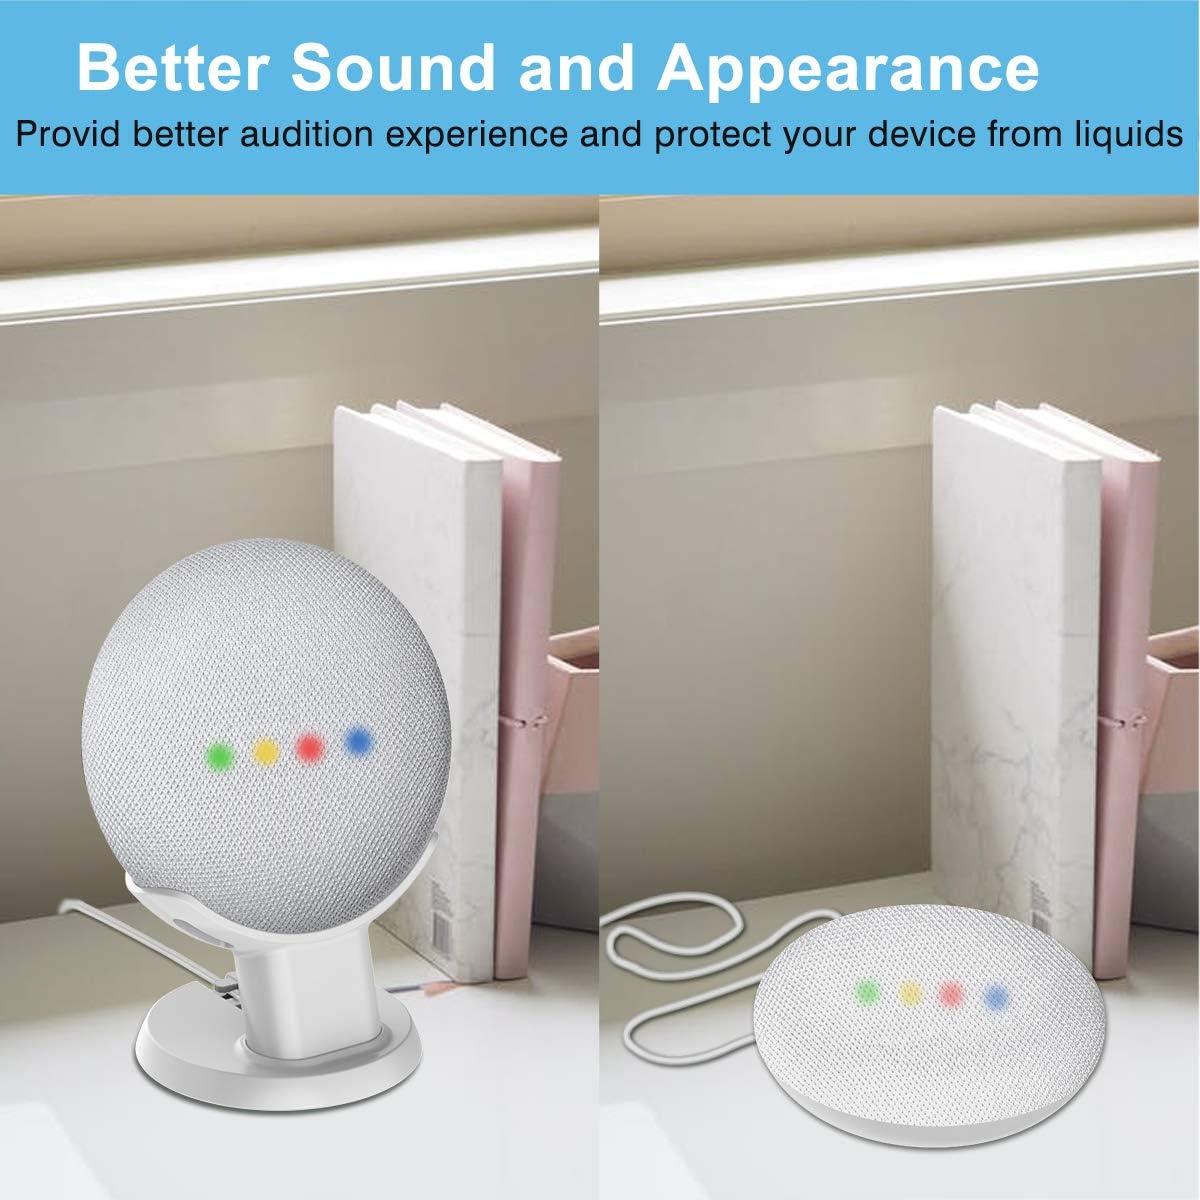 Blanco Mejora la Visibilidad y Apariencia del Sonido Estuche de Seguridad Compacto en cocinas Soporte de Escritorio para Montaje en Soporte Nest Mini Cozycase Soporte para Google Home Mini